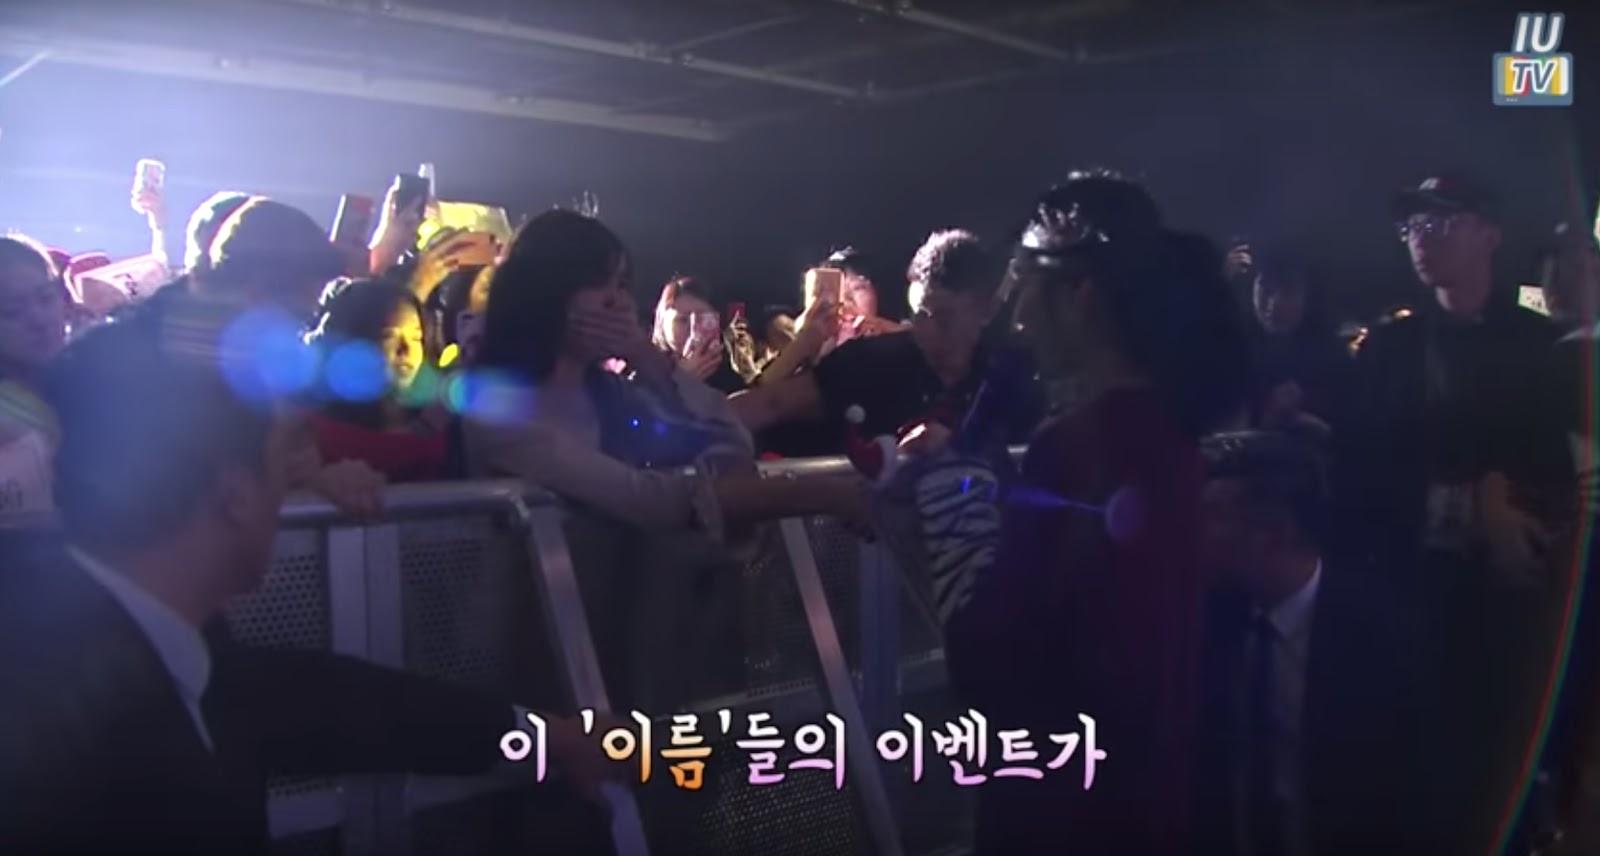 IU akhirnya menemukan penggemar yang merencanakan fan project tersebut (dok. YouTube)